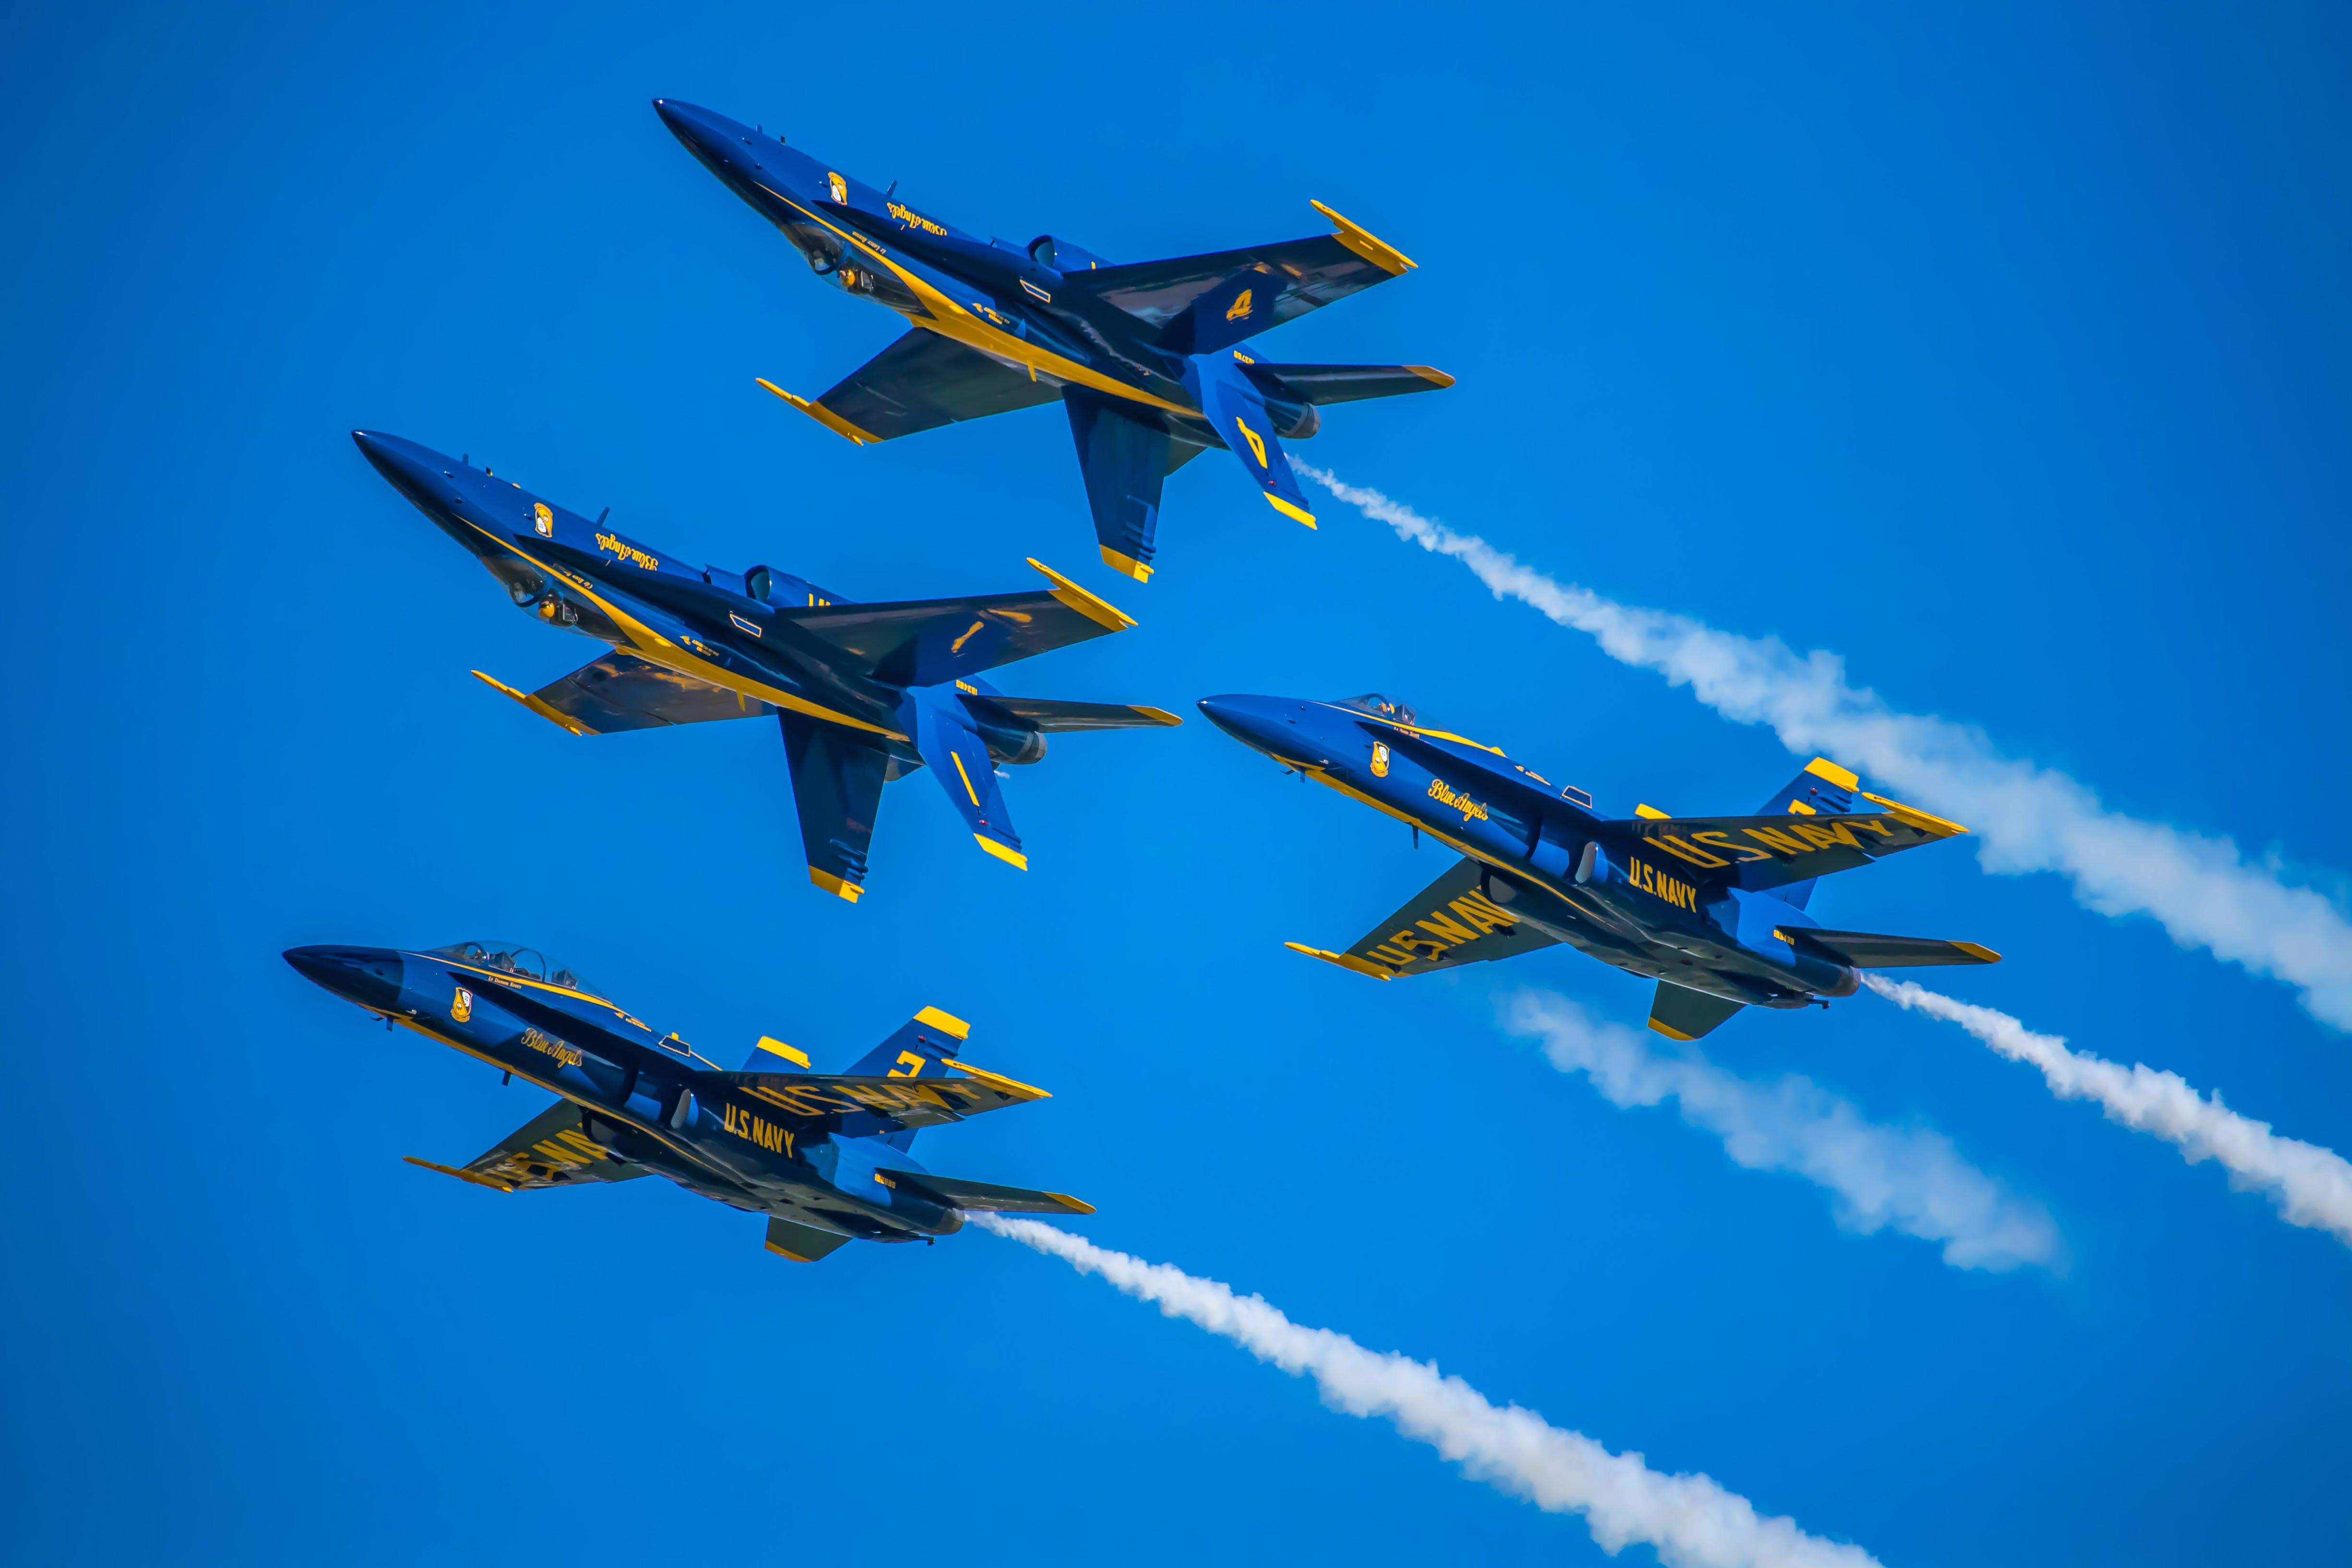 Δωρεάν στοκ φωτογραφιών με aviate, αεροπλοΐα, αεροπορική επίδειξη, αεροσκάφη